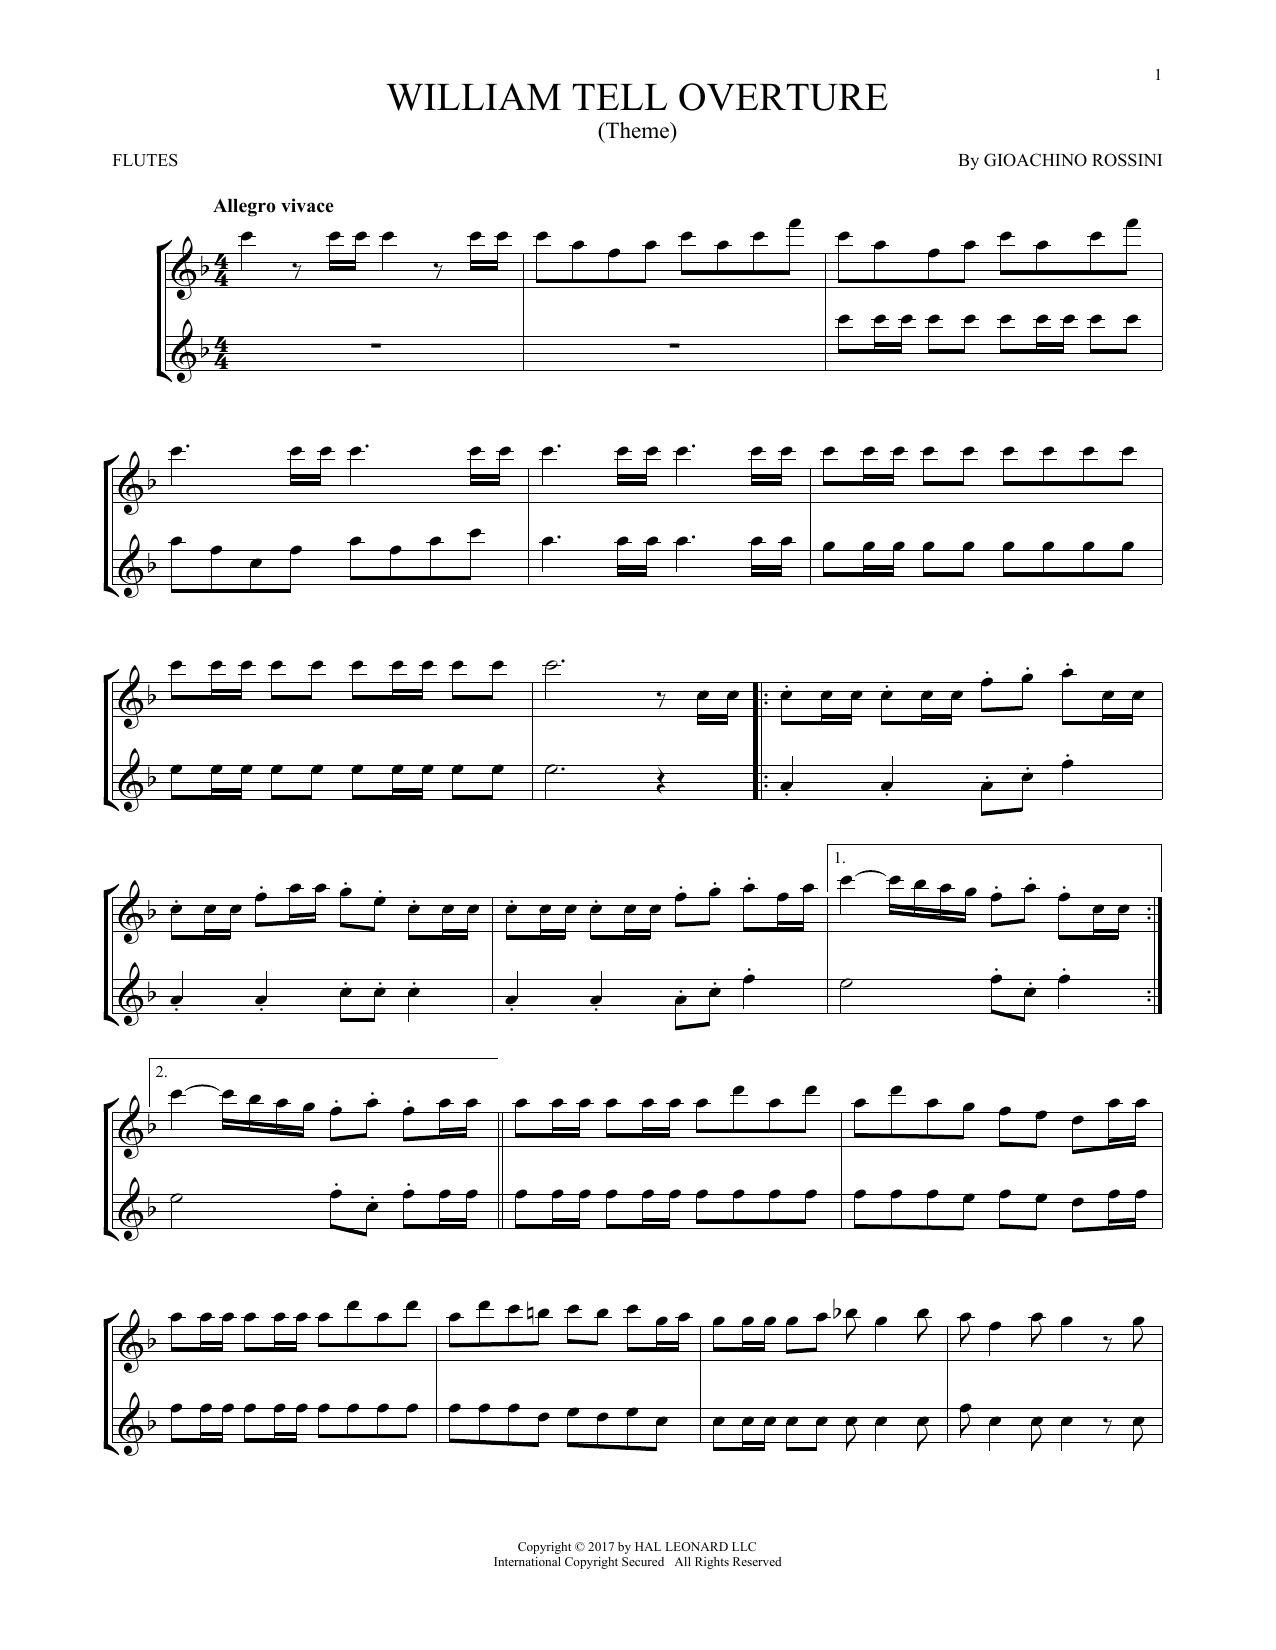 William Tell Overture (Flute Duet)